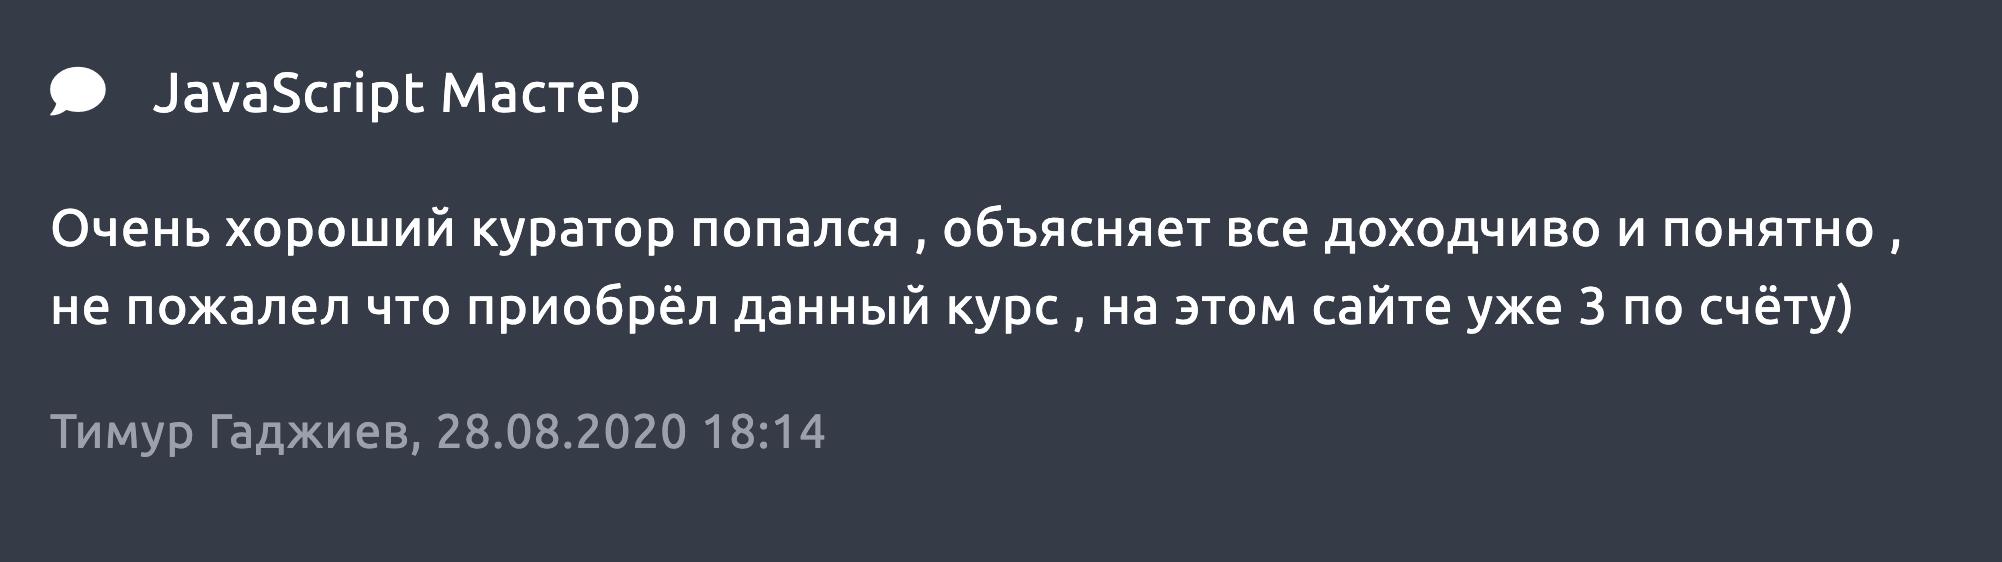 javascript мастер типичный верстальщик анна блок